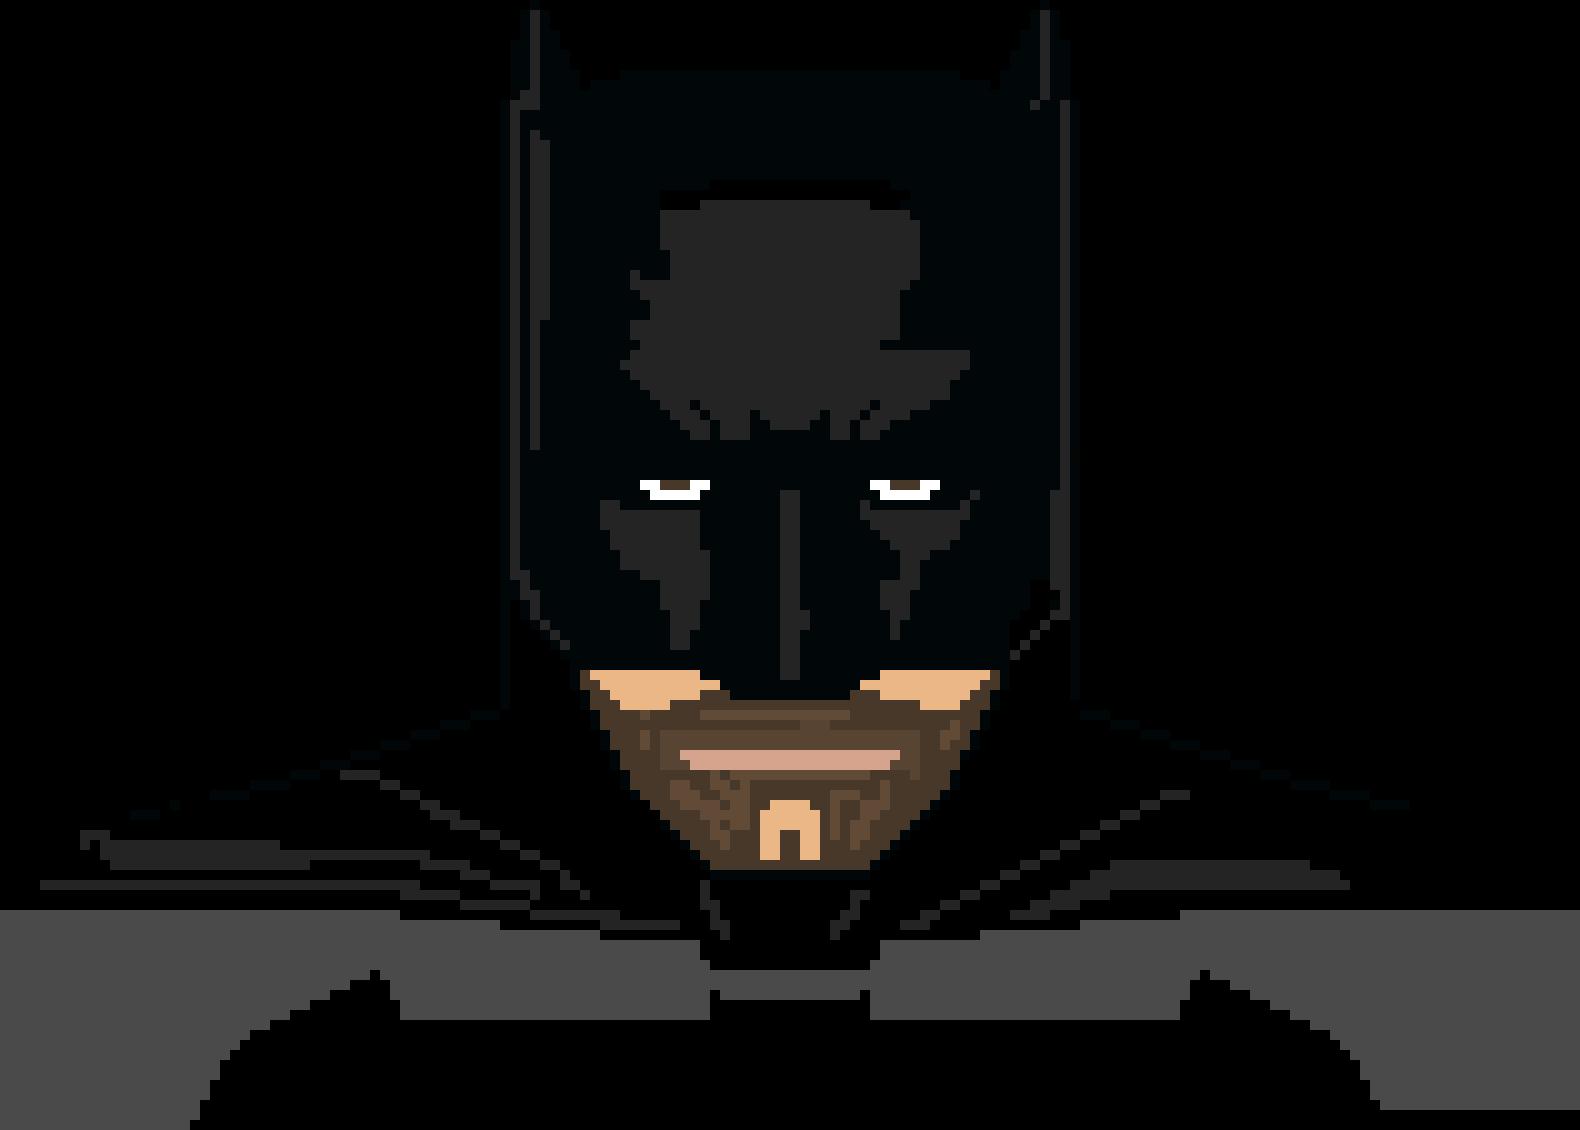 Batman From Batman V Superman Dawn Of Justice Pixel Art Maker